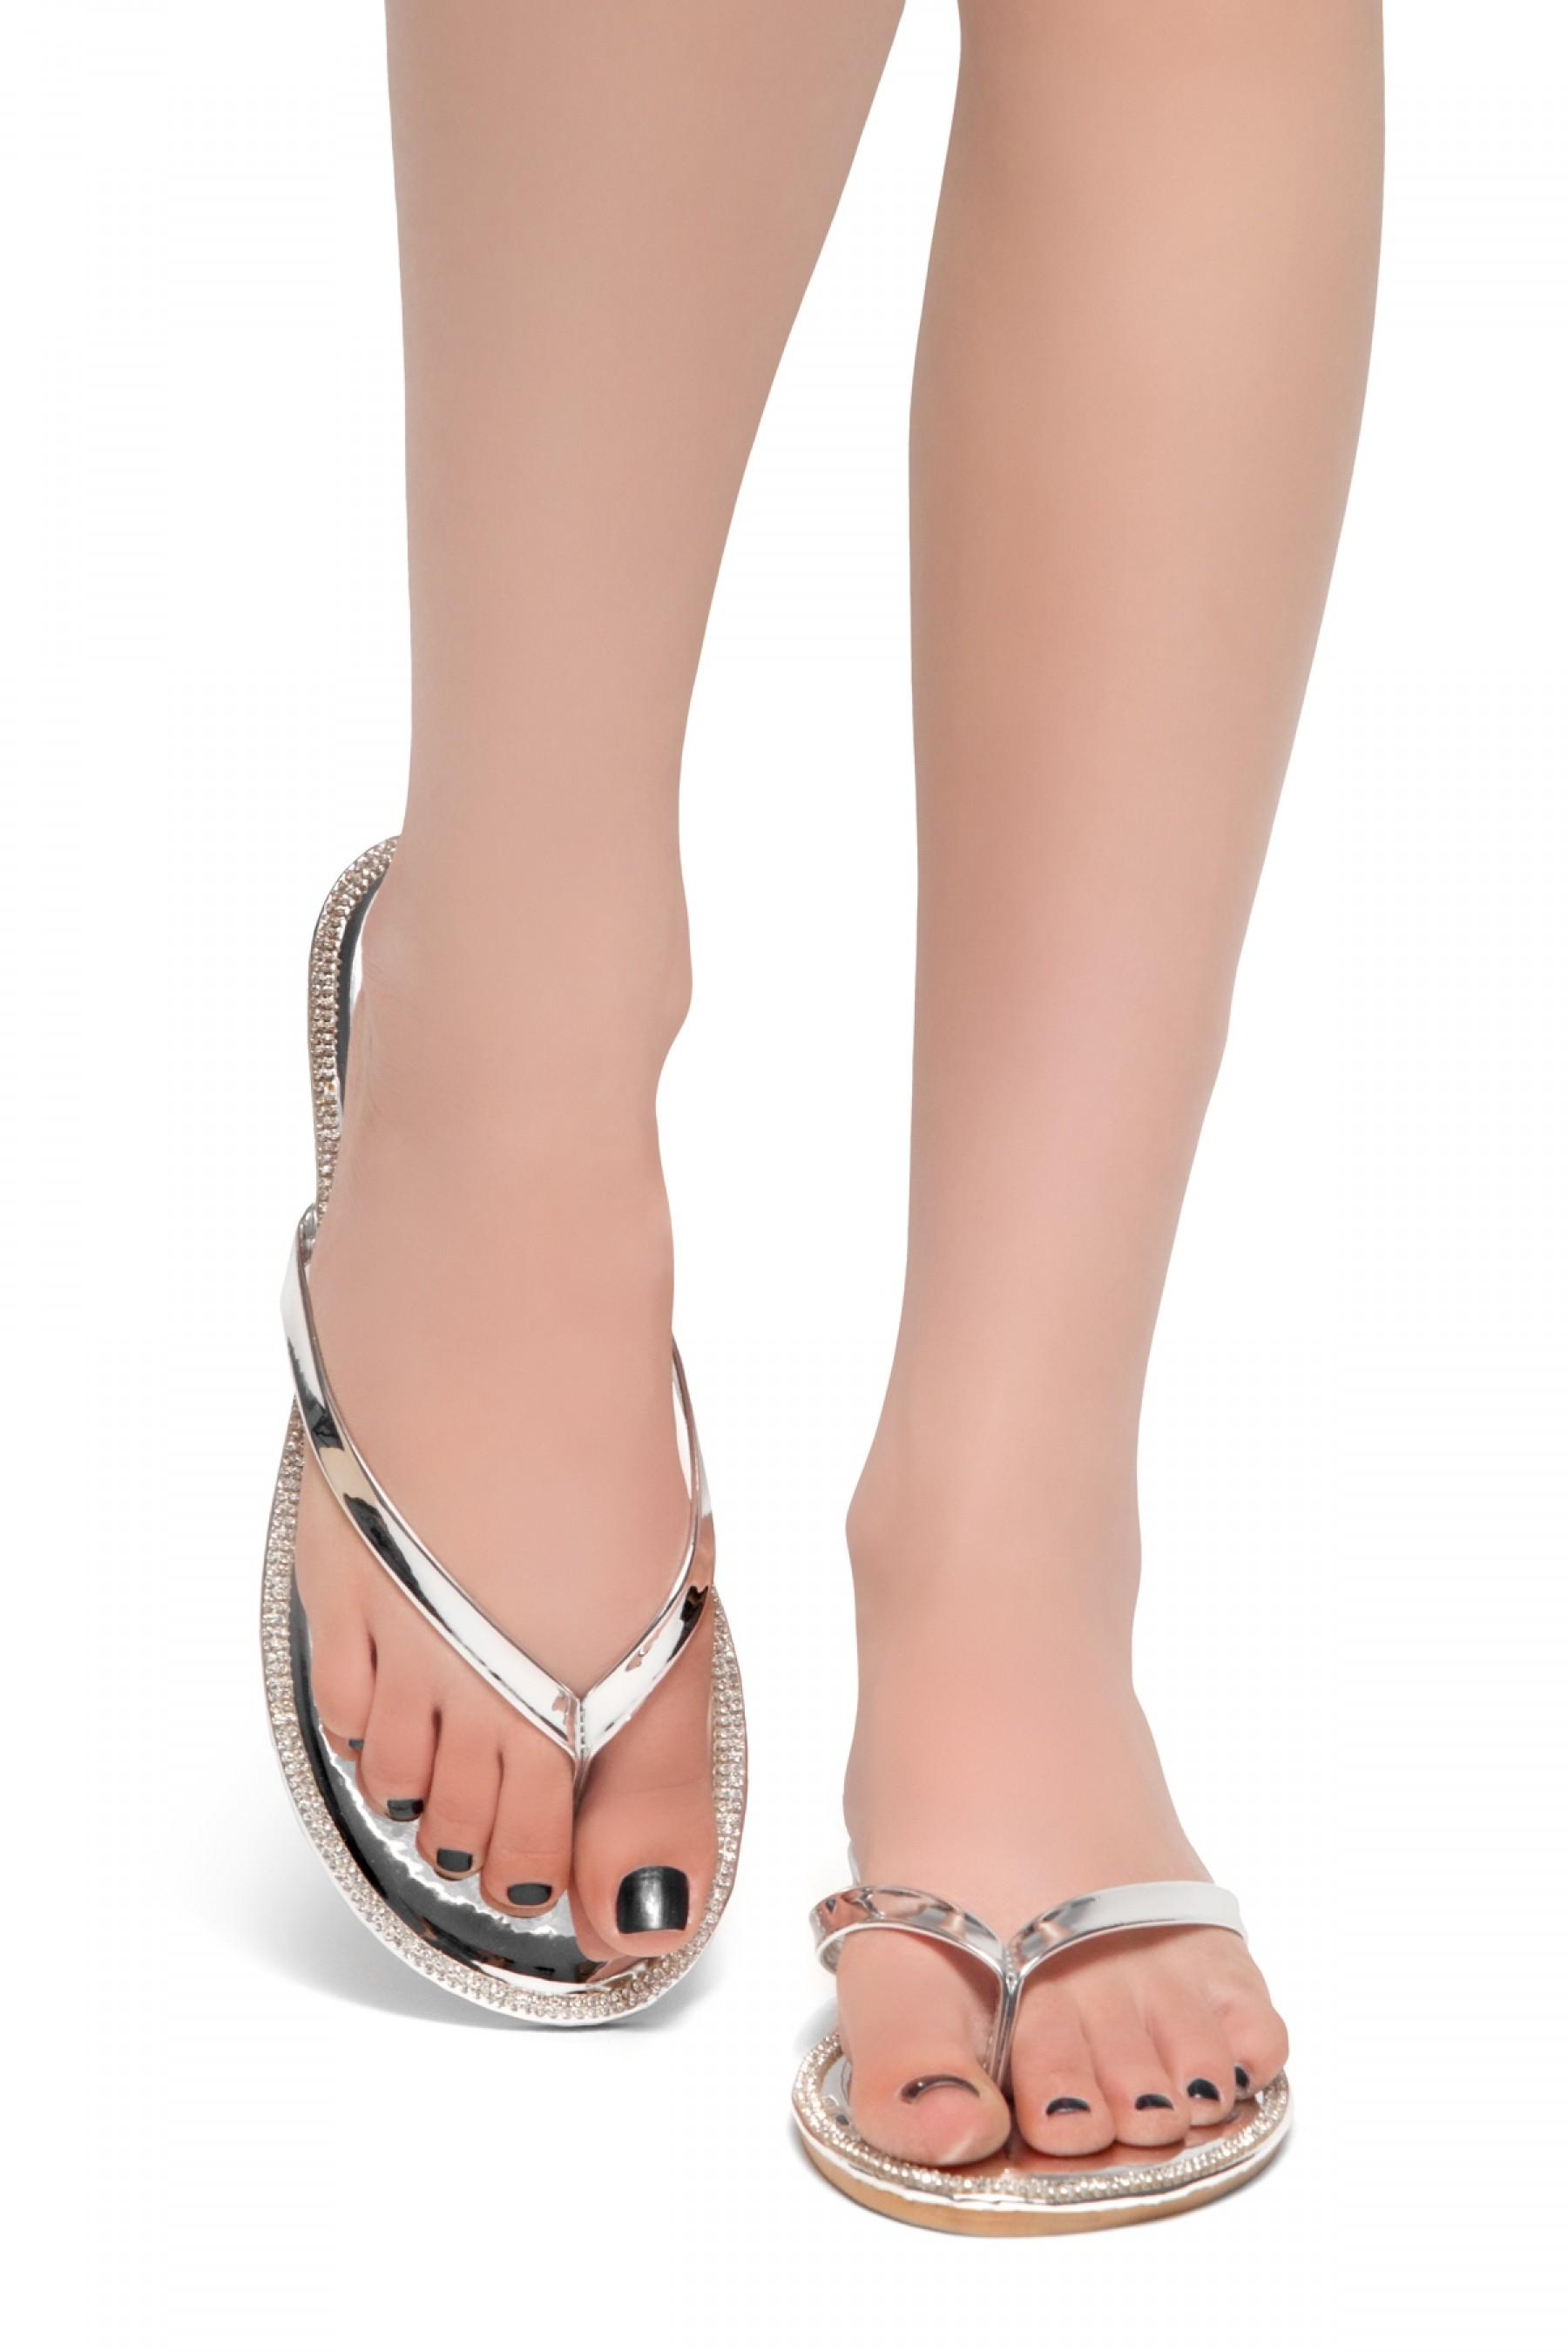 HerStyle Rosalyn-Rhinestone Details Open Toe Thong Slide Sandal (Silver)